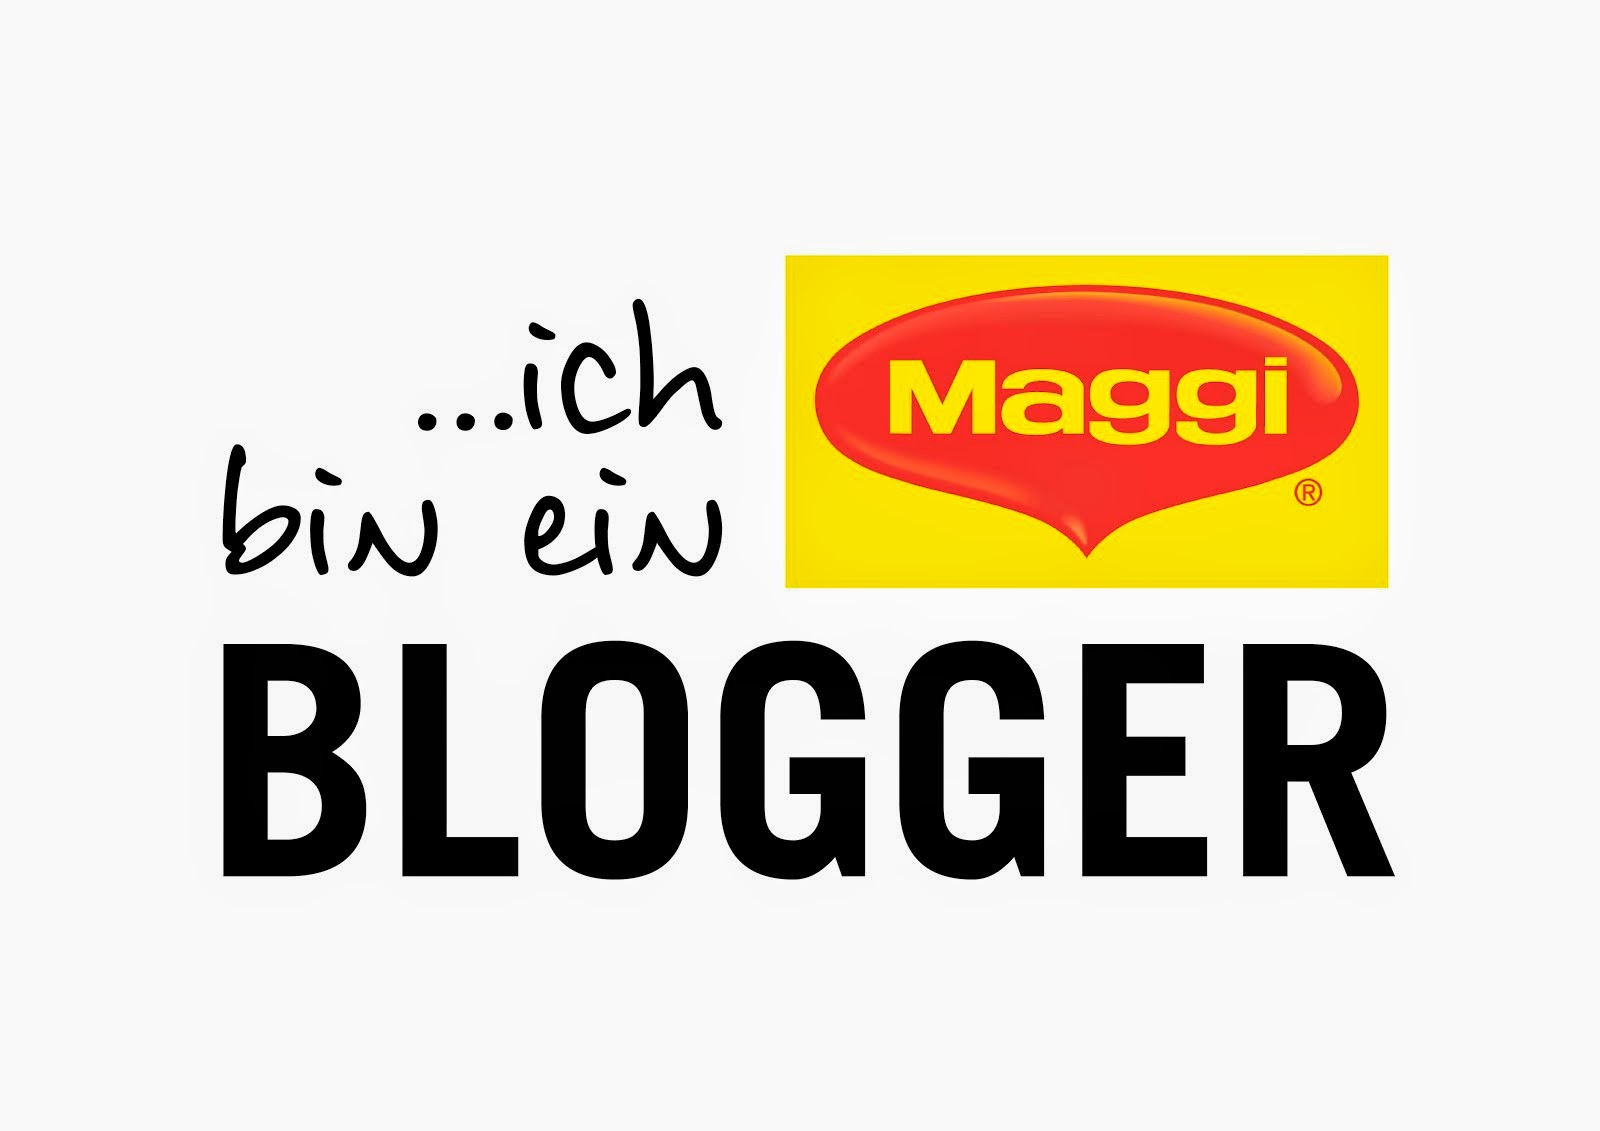 Ich bin ein Maggi Blogger